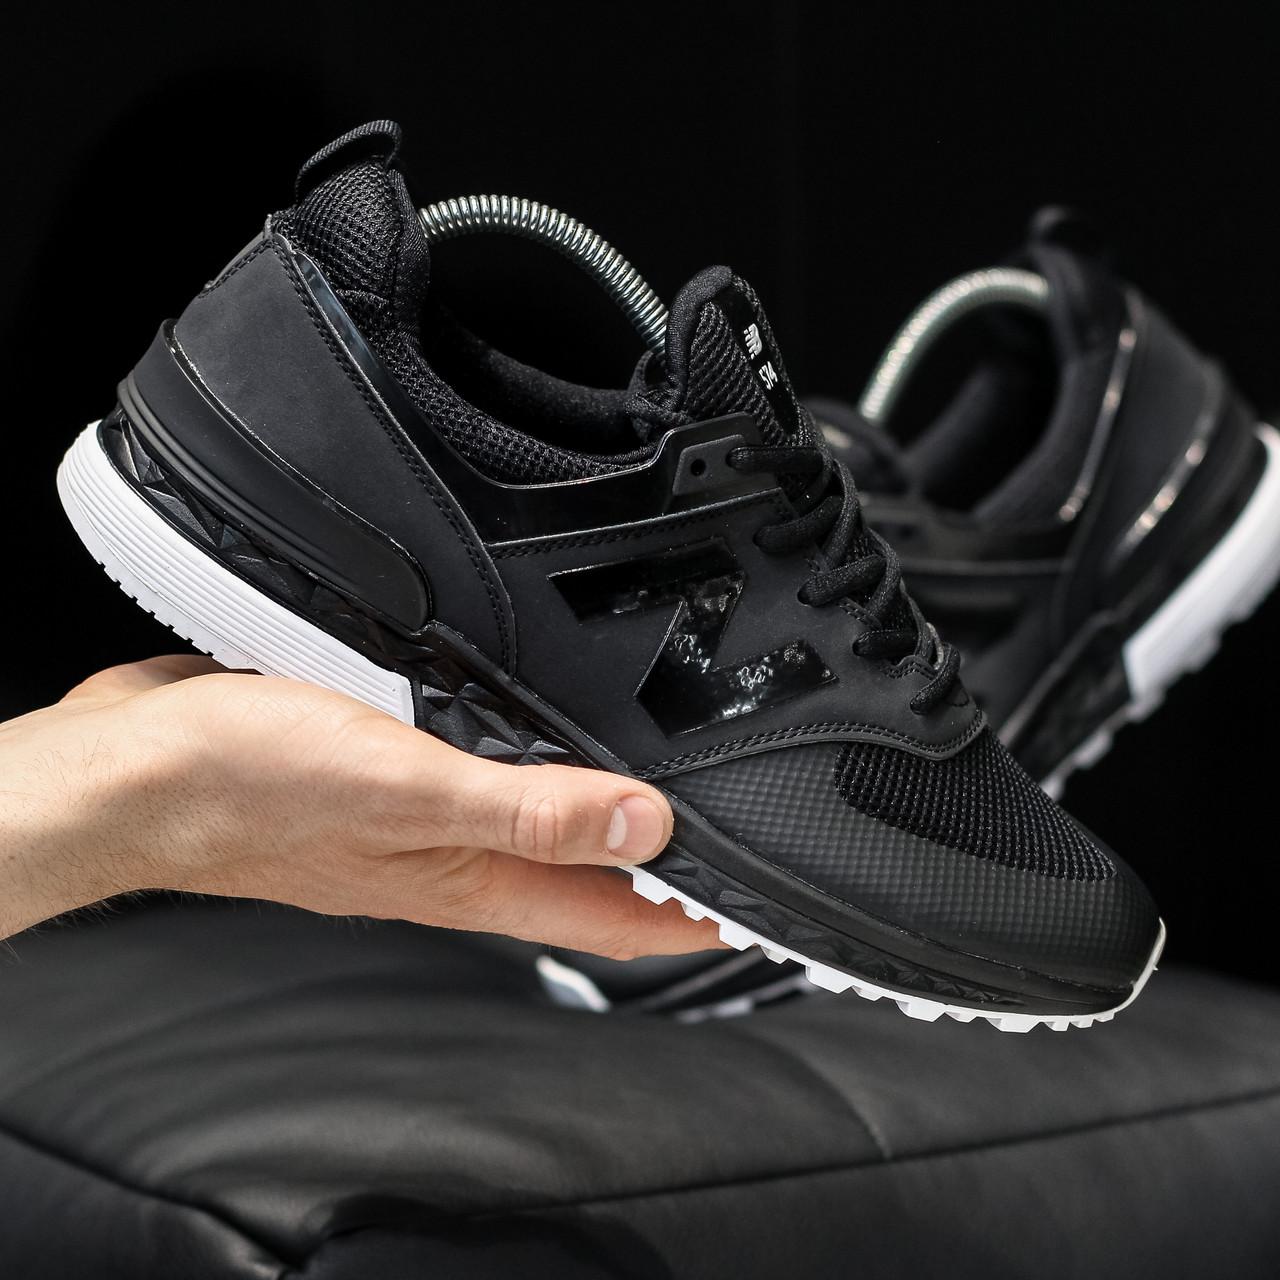 Мужские кроссовки New Balance 574 Sport  Black, Реплика